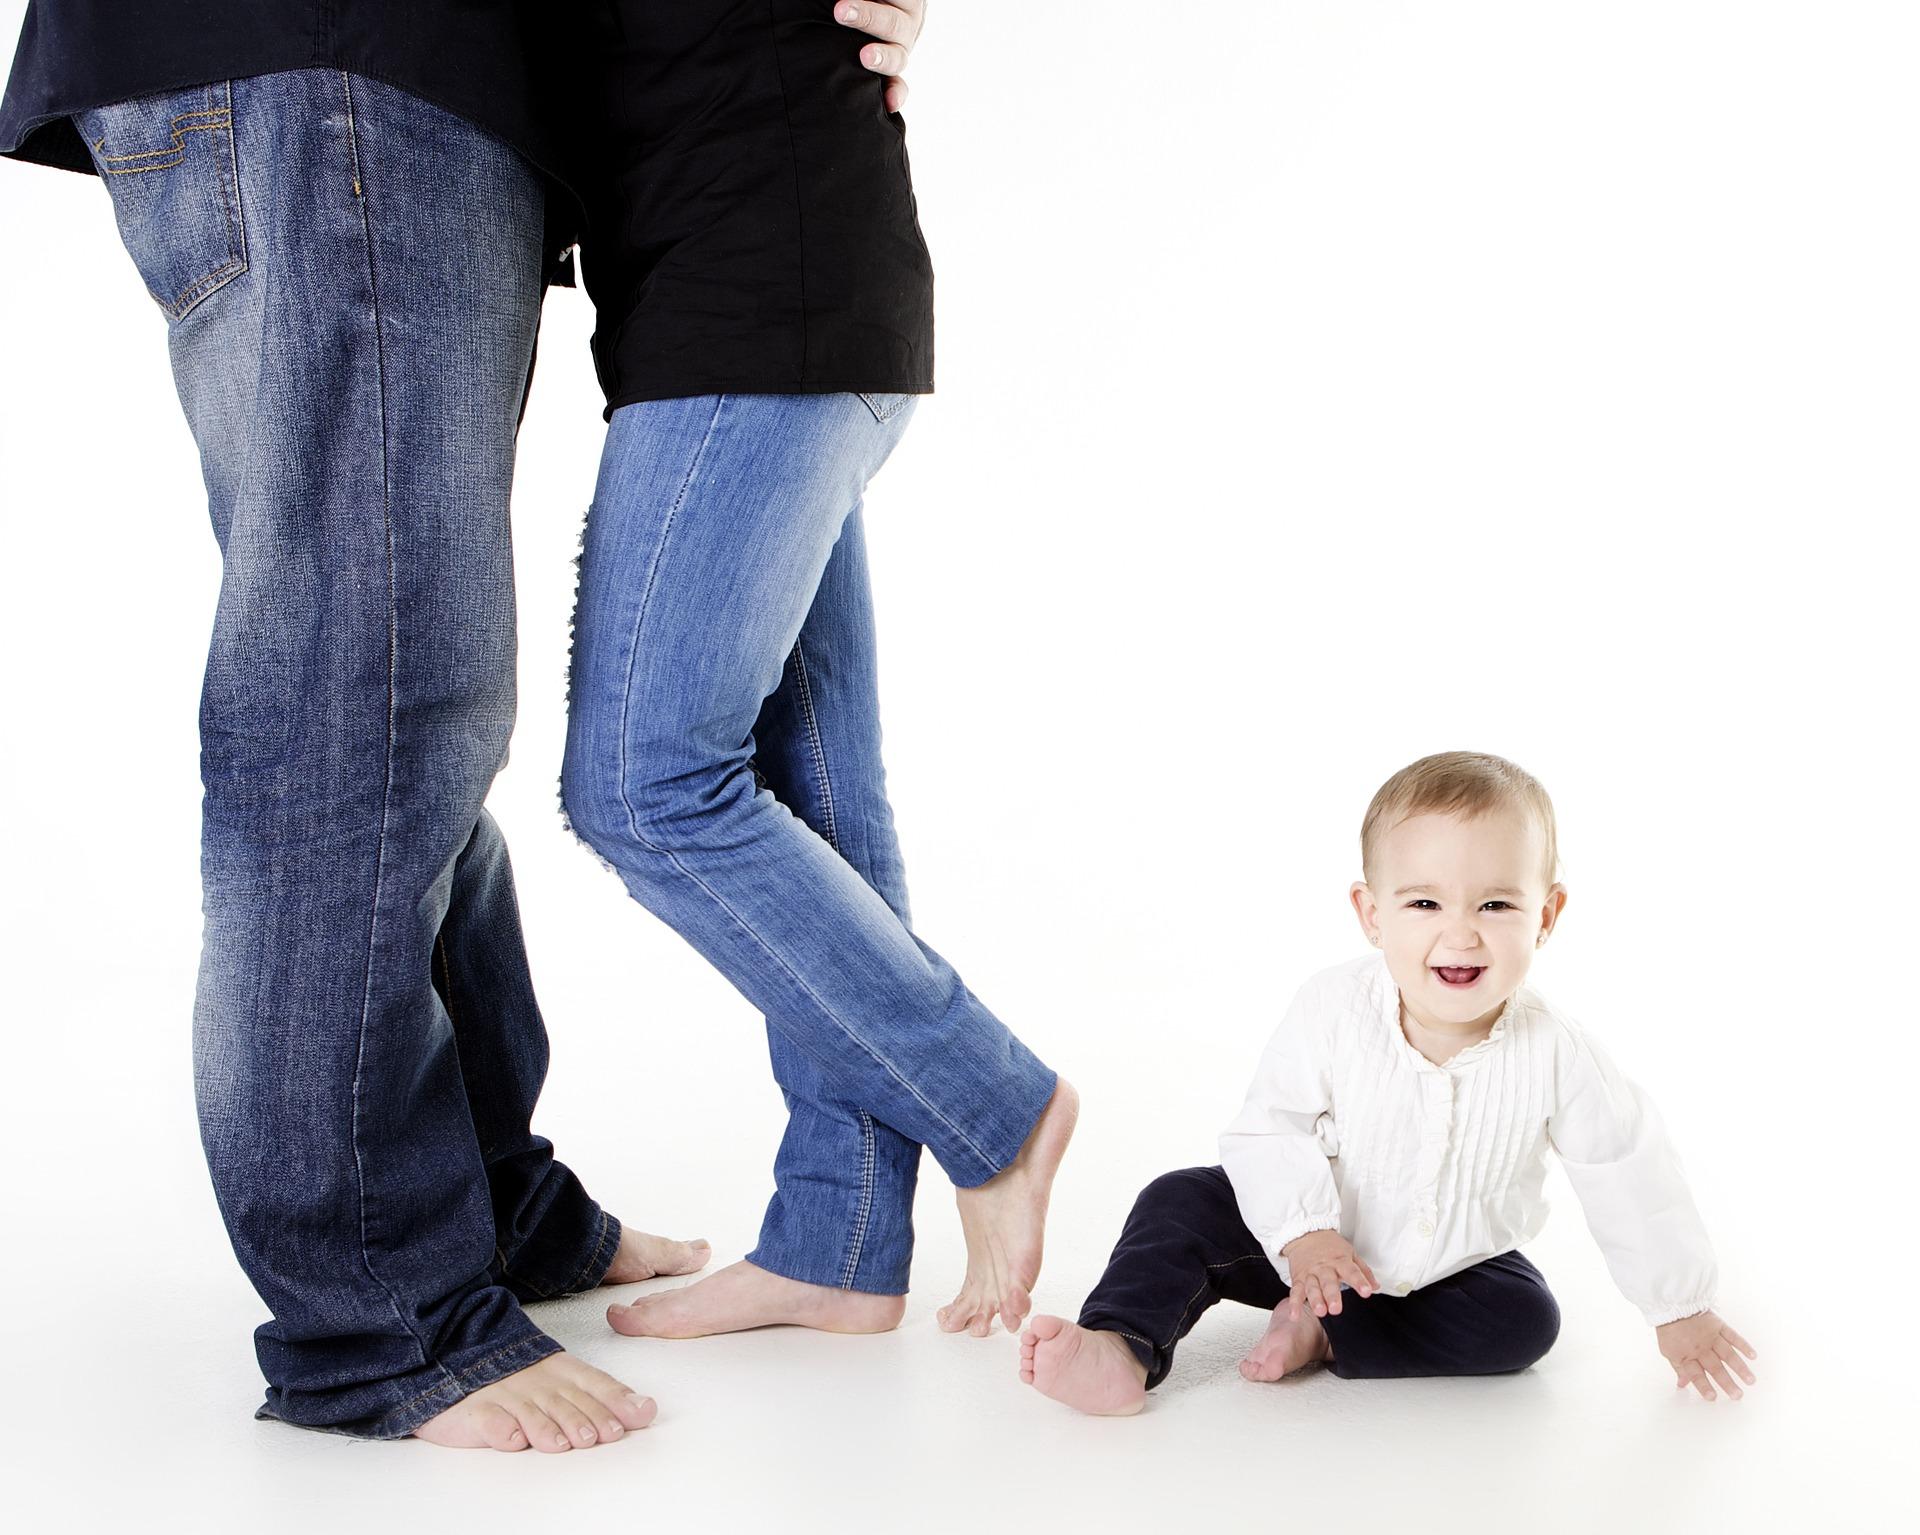 Familienanalyse, Gruppenanalyse